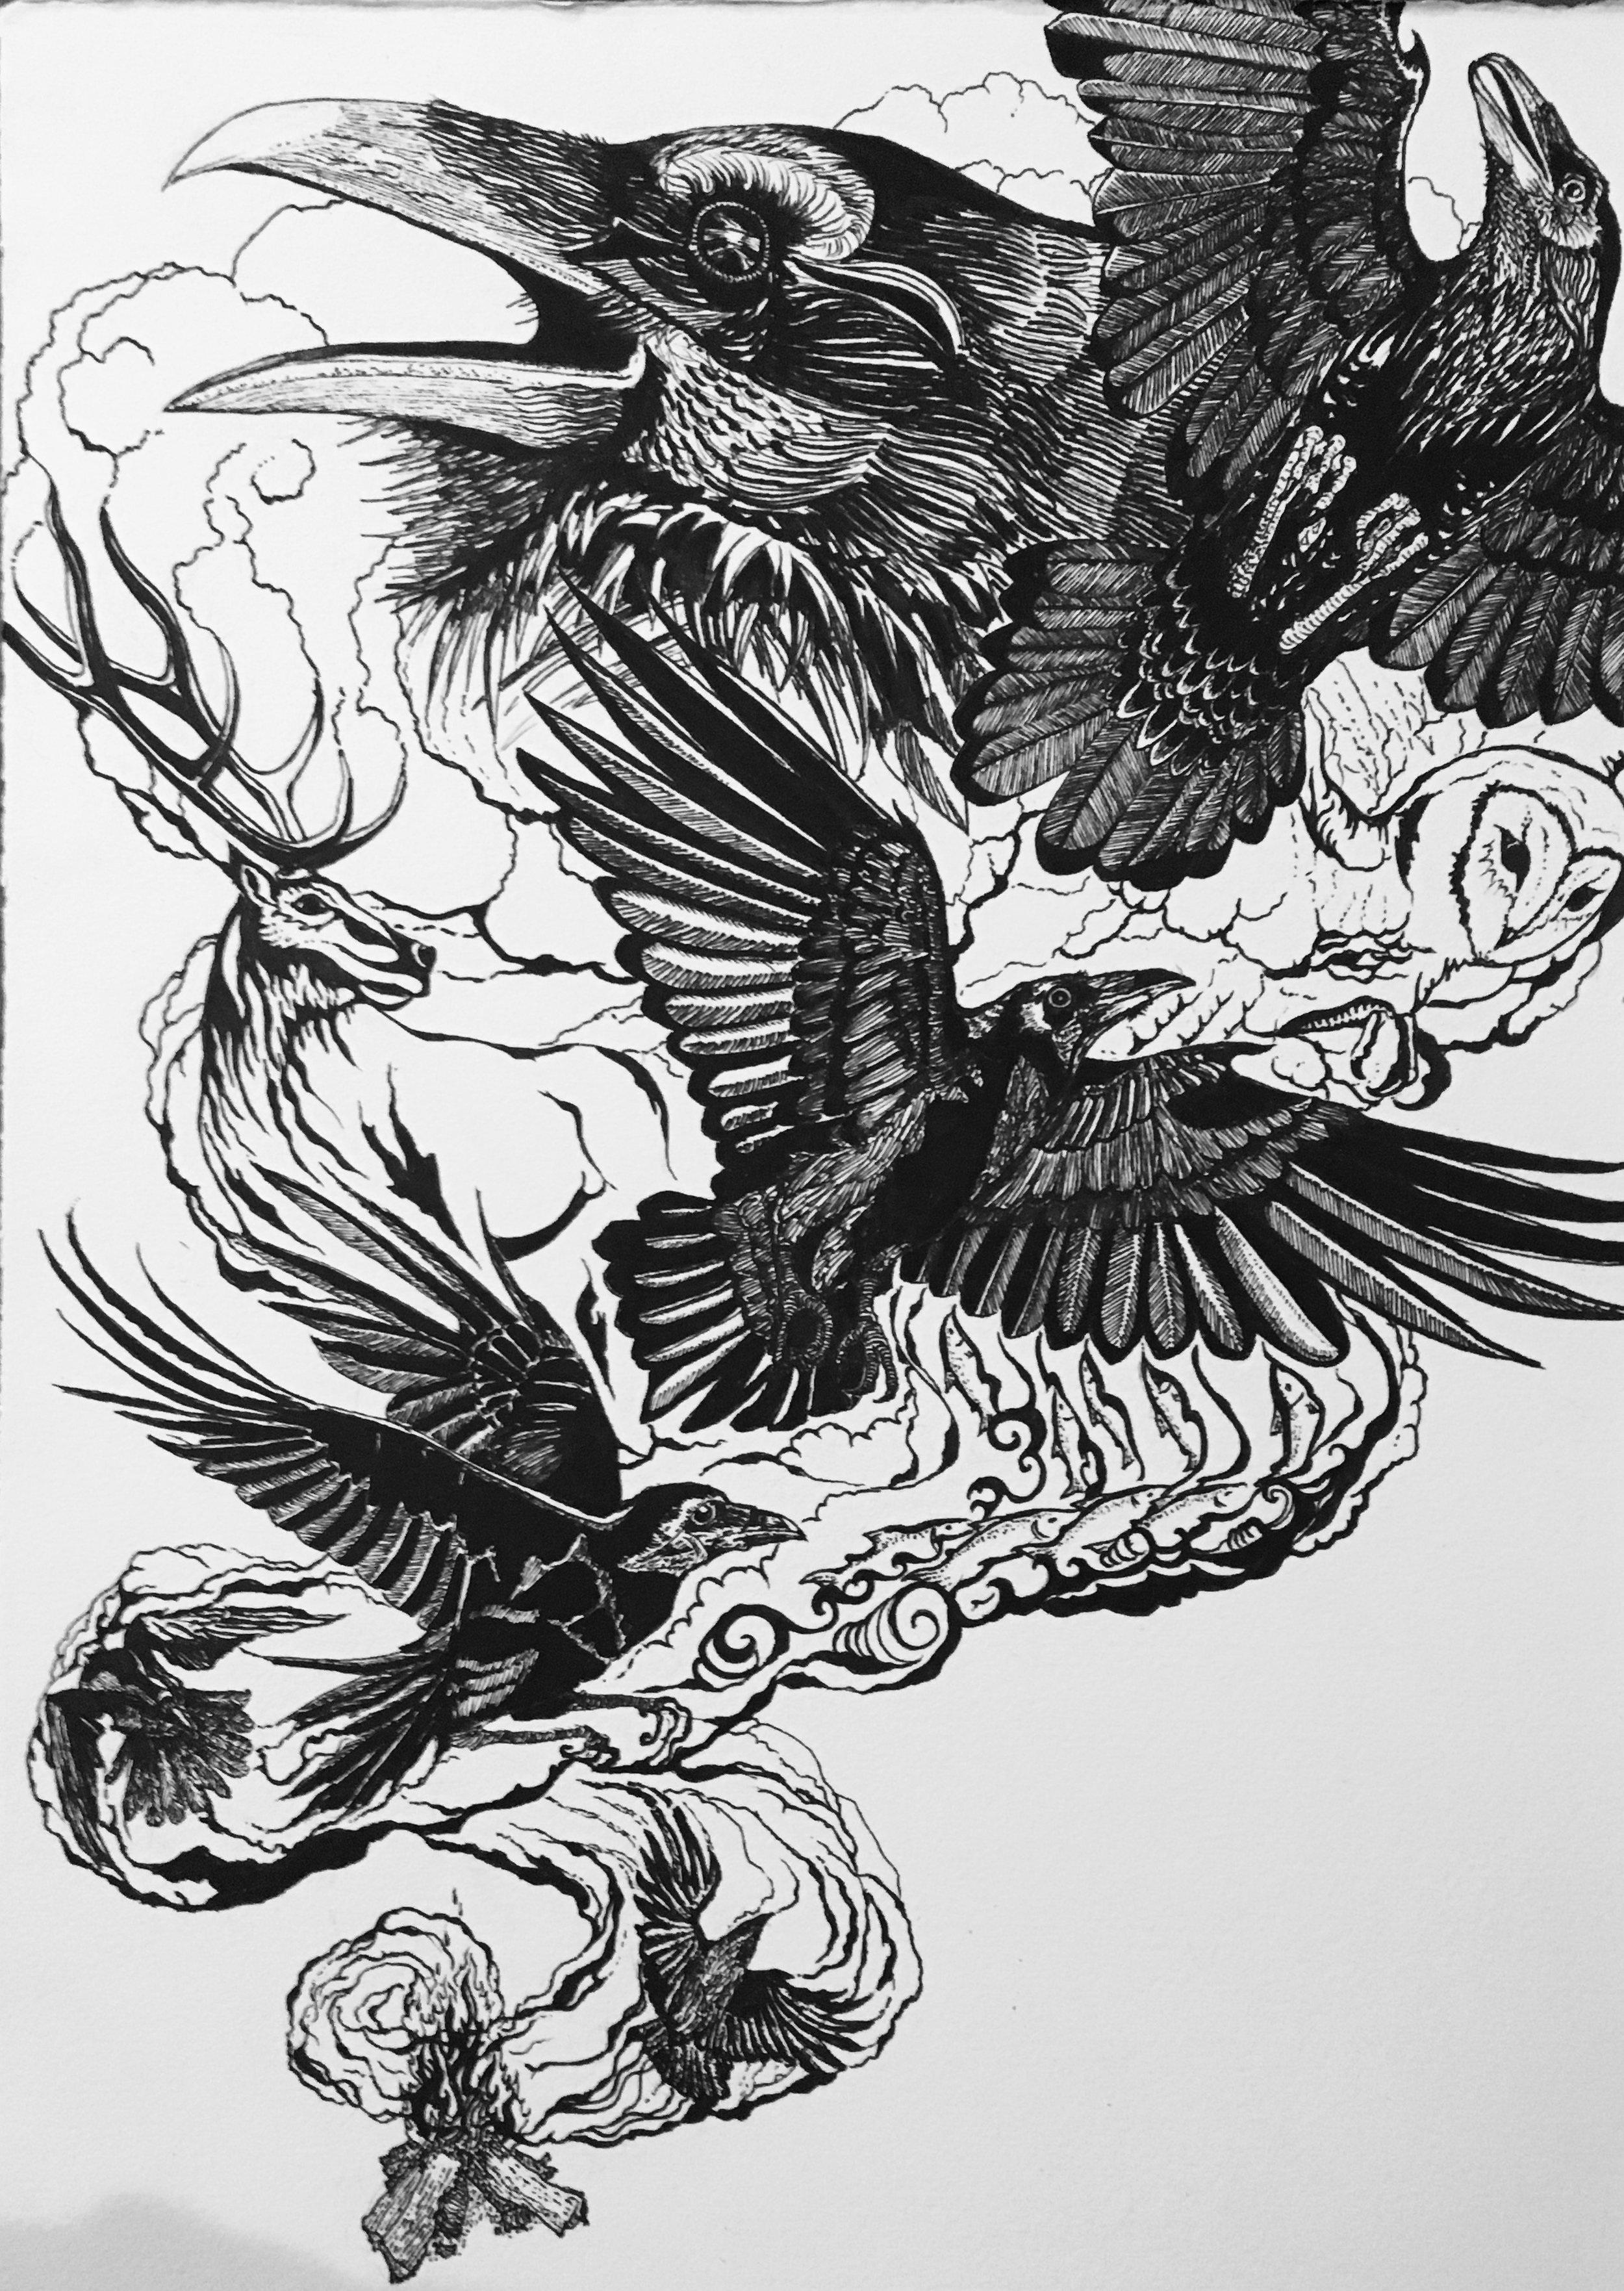 Raven Fire Sketch by Rene Henery